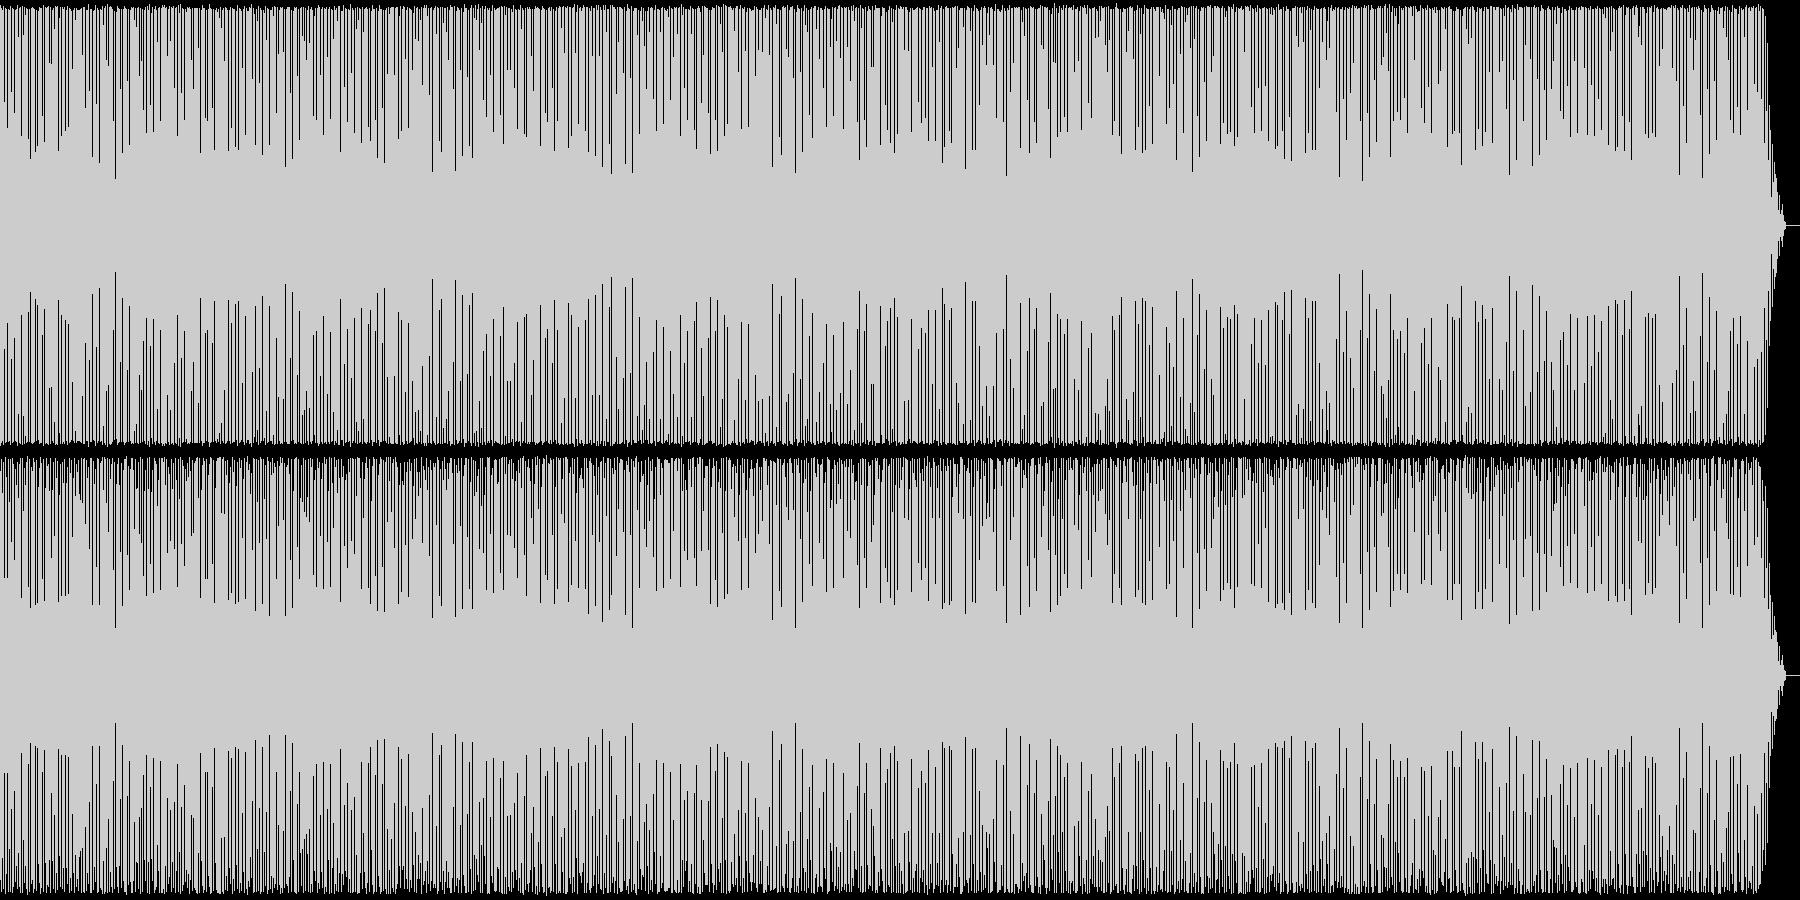 元気でポップなBGMの未再生の波形